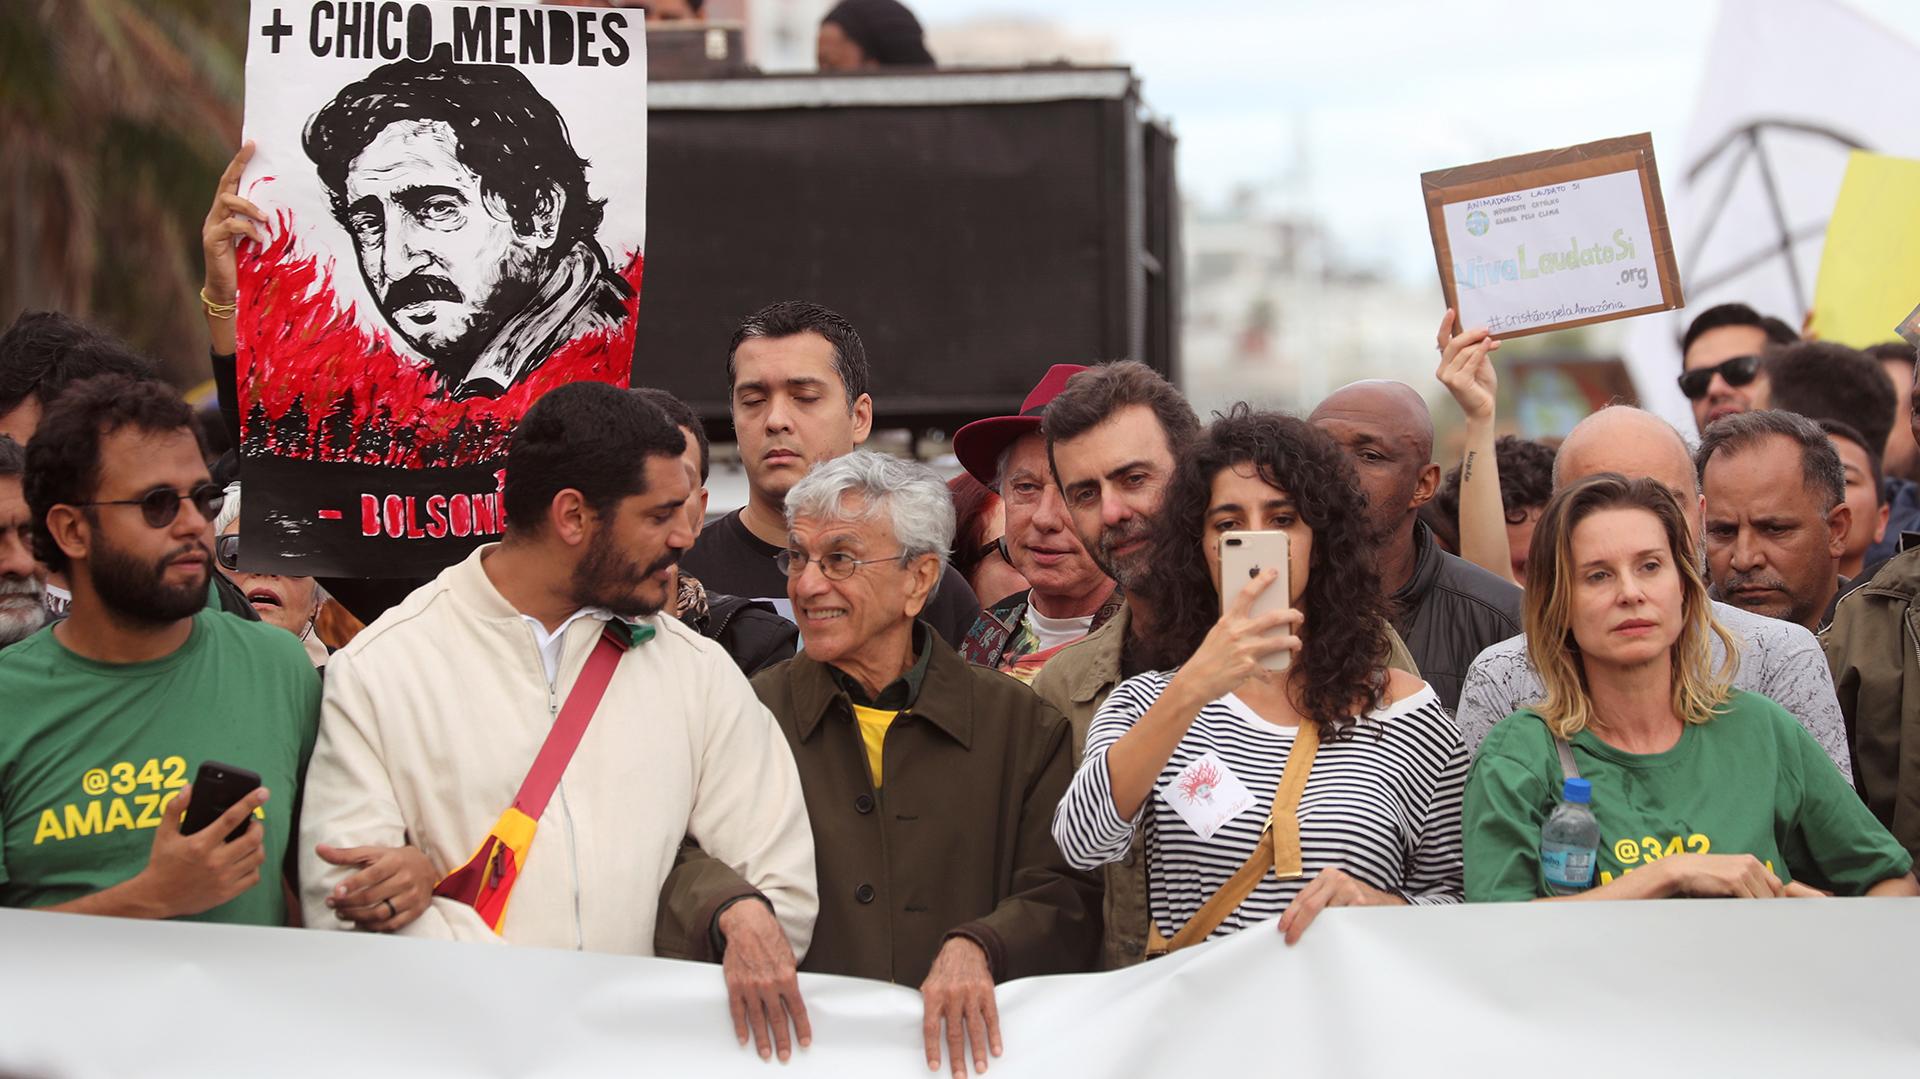 El cantante brasileño Caetano Veloso asiste a la protesta.REUTERS / Sergio Moraes